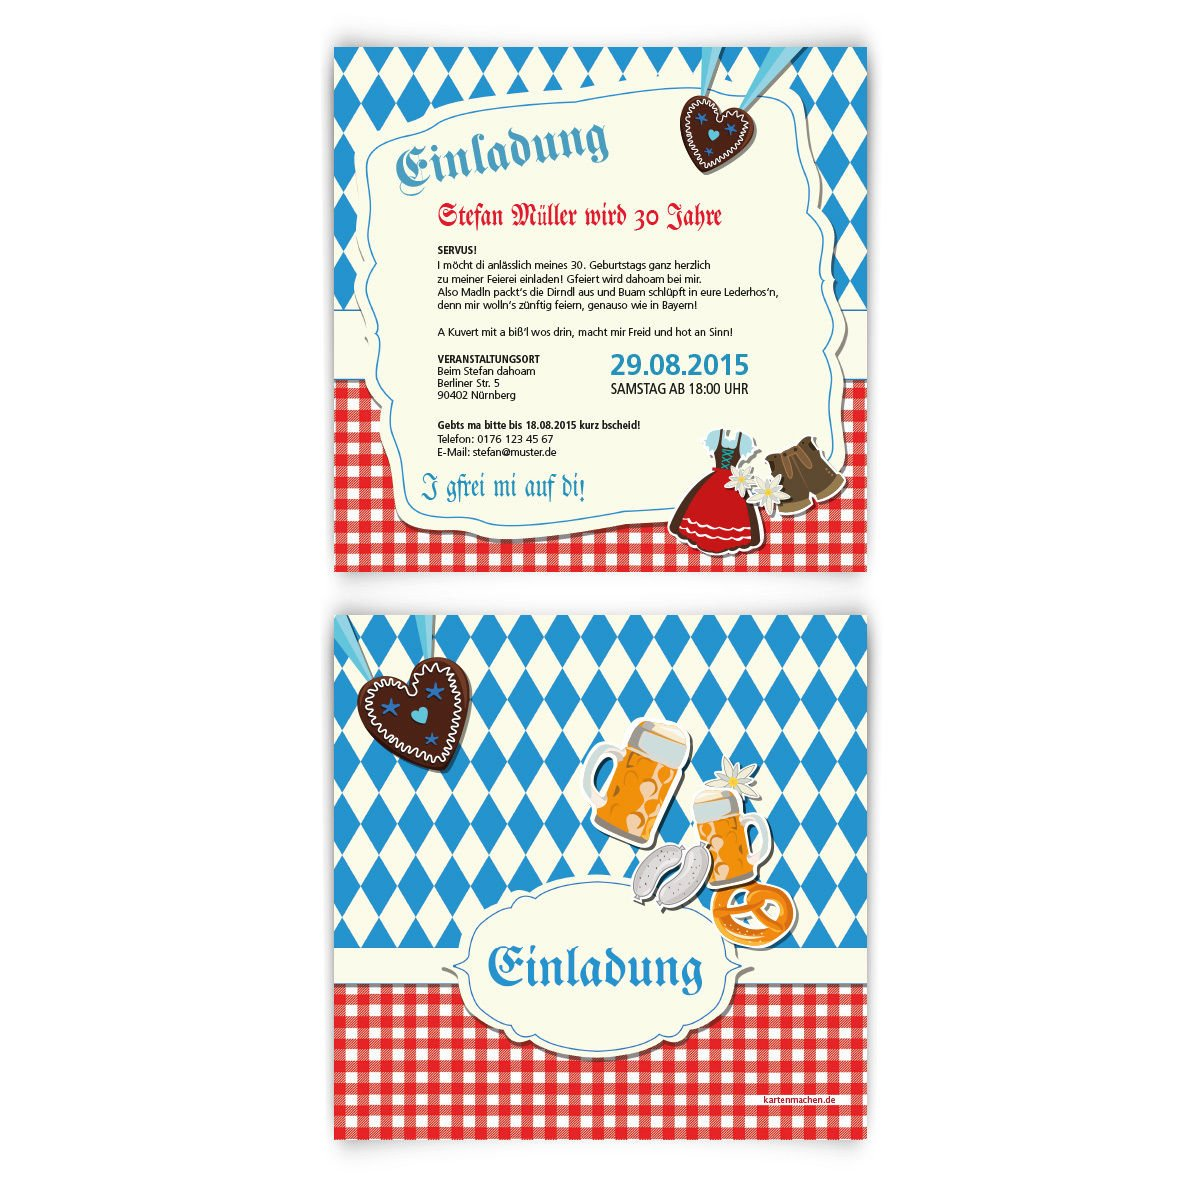 Einladungskarten Zum Geburtstag (30 Stück) Bayrisch Oktoberfest Einladung  Bayern Karten: Amazon.de: Bürobedarf U0026 Schreibwaren